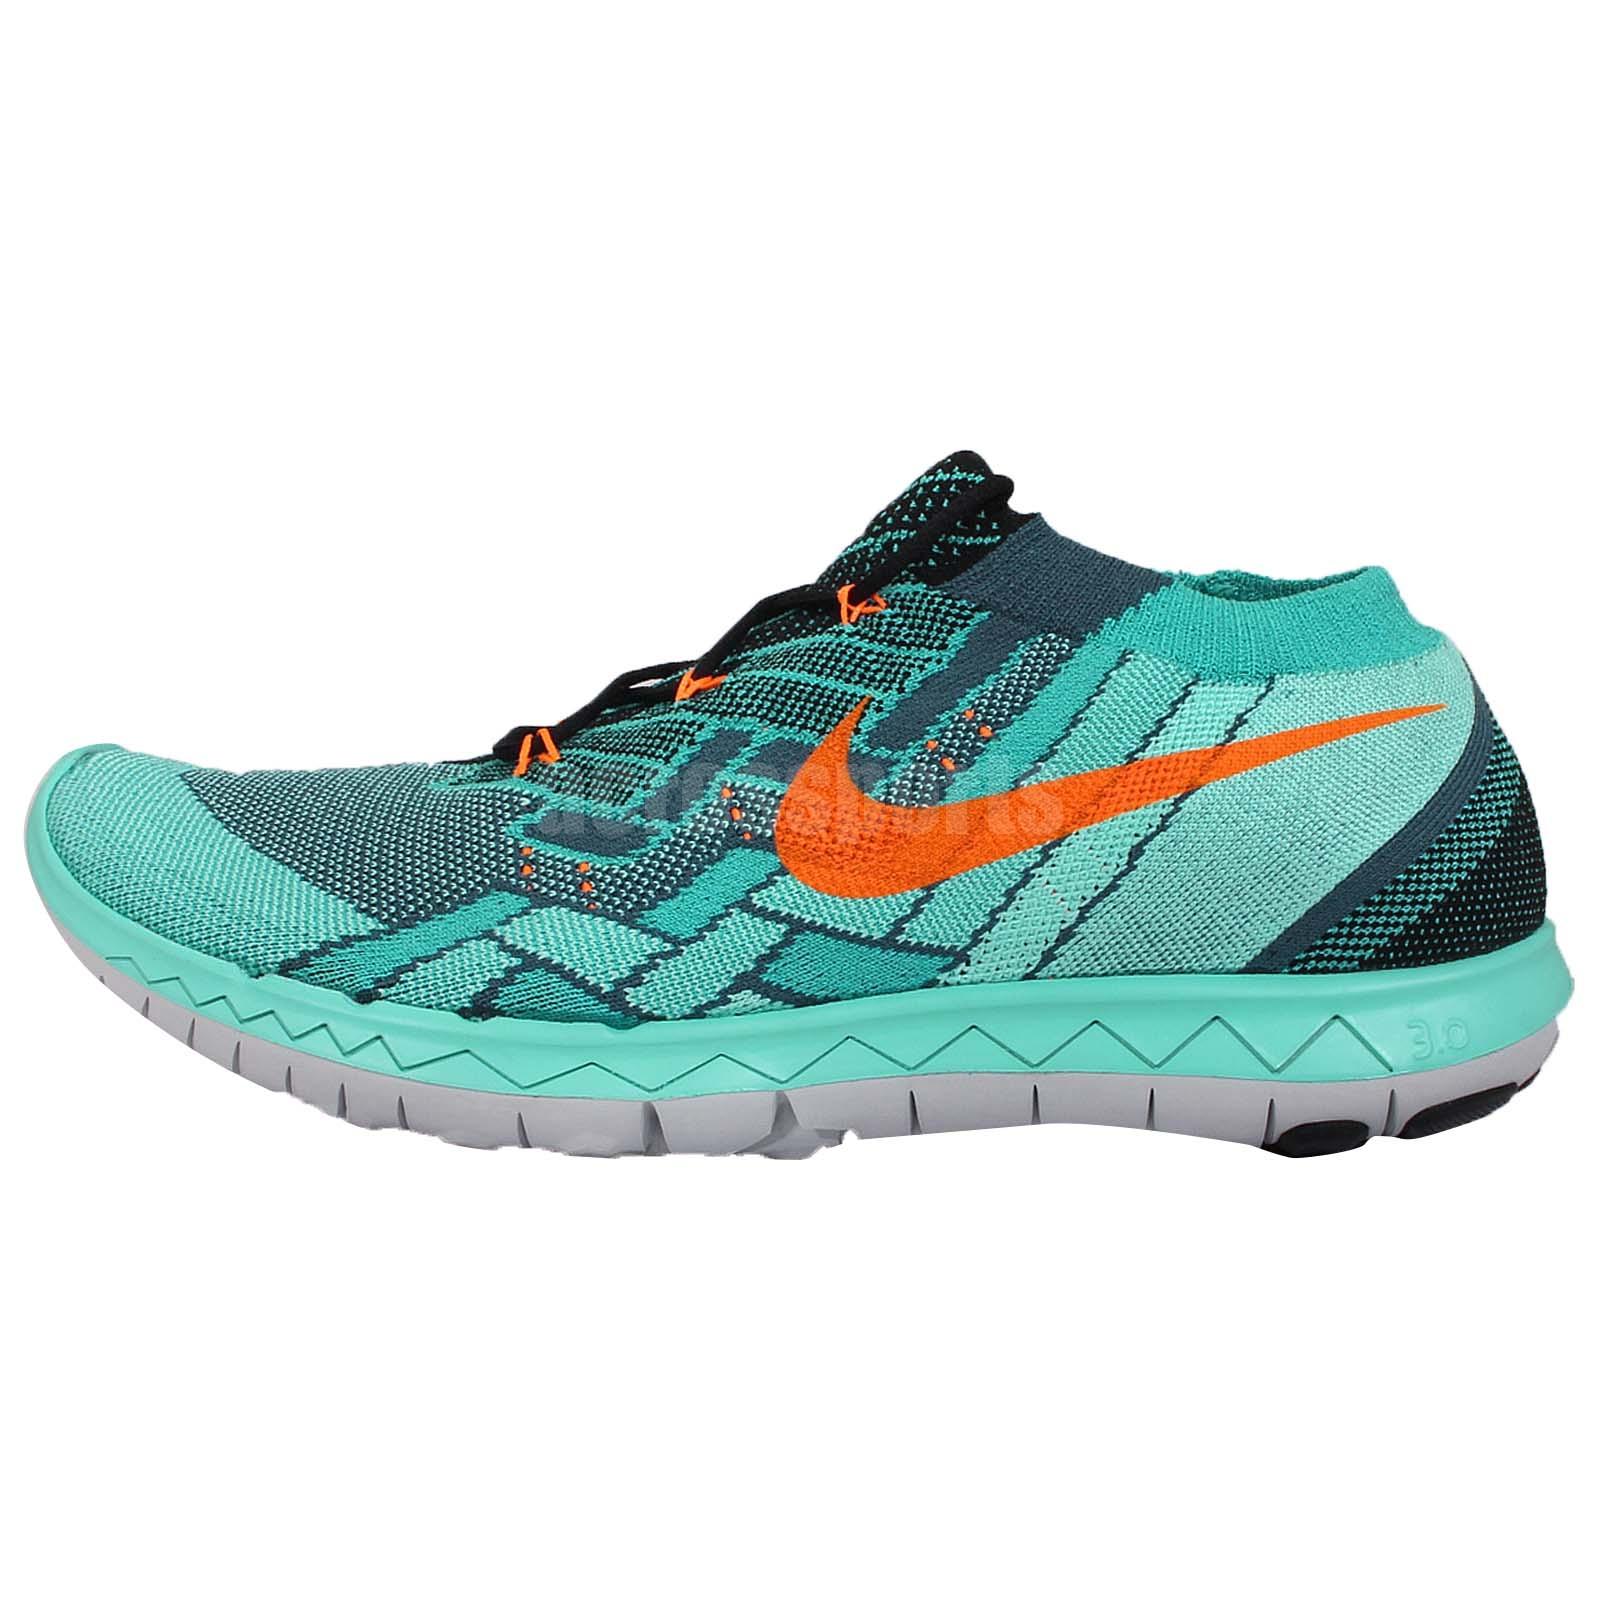 Nike Free 3.0 Flyknit Green Orange Mens Running Shoes Nike ...